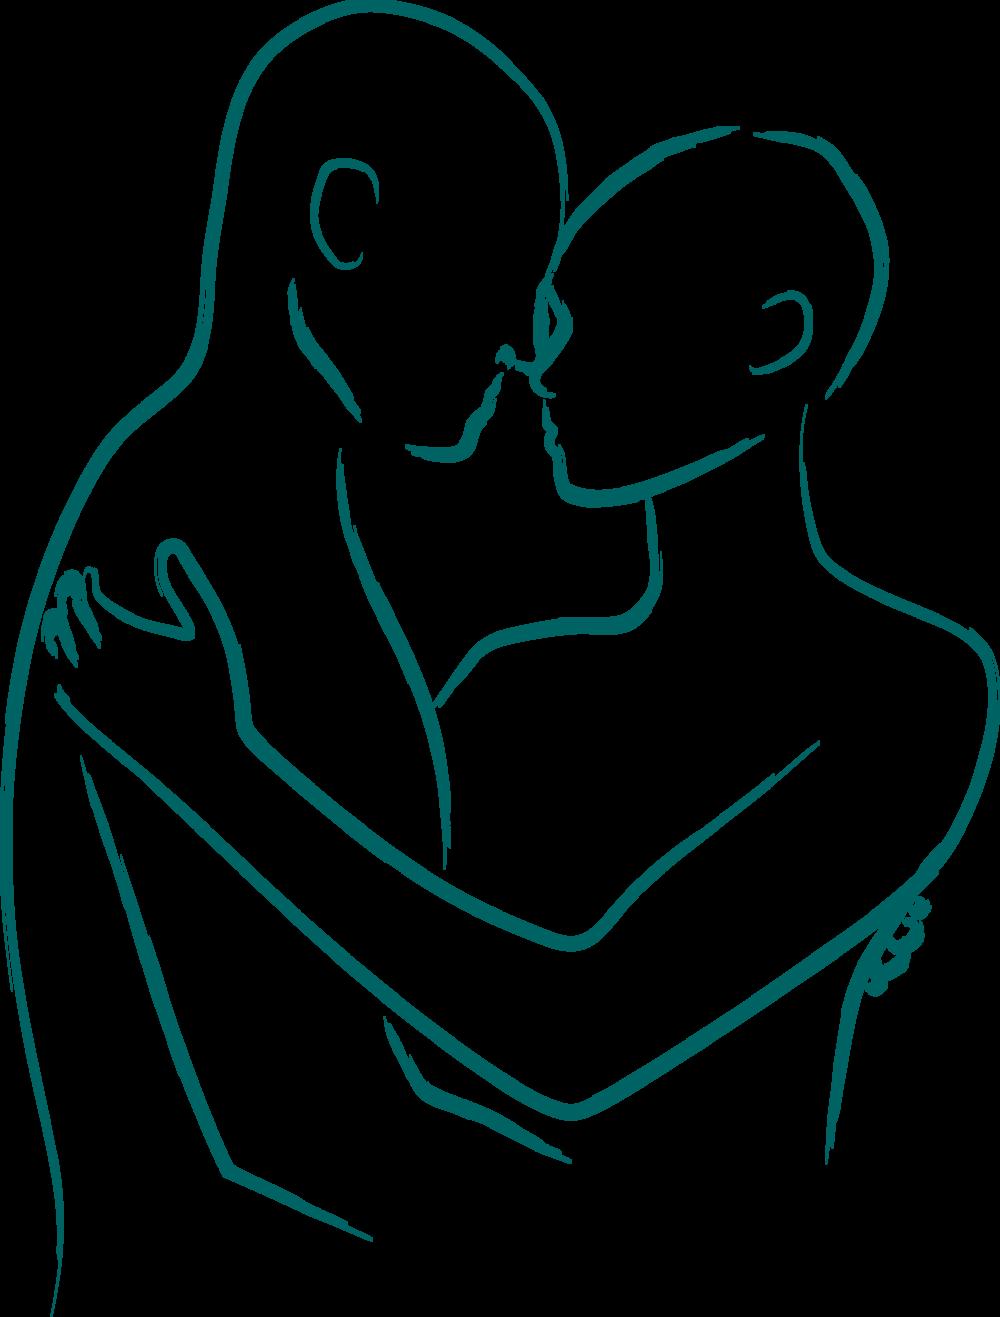 murdoc og noodle dating